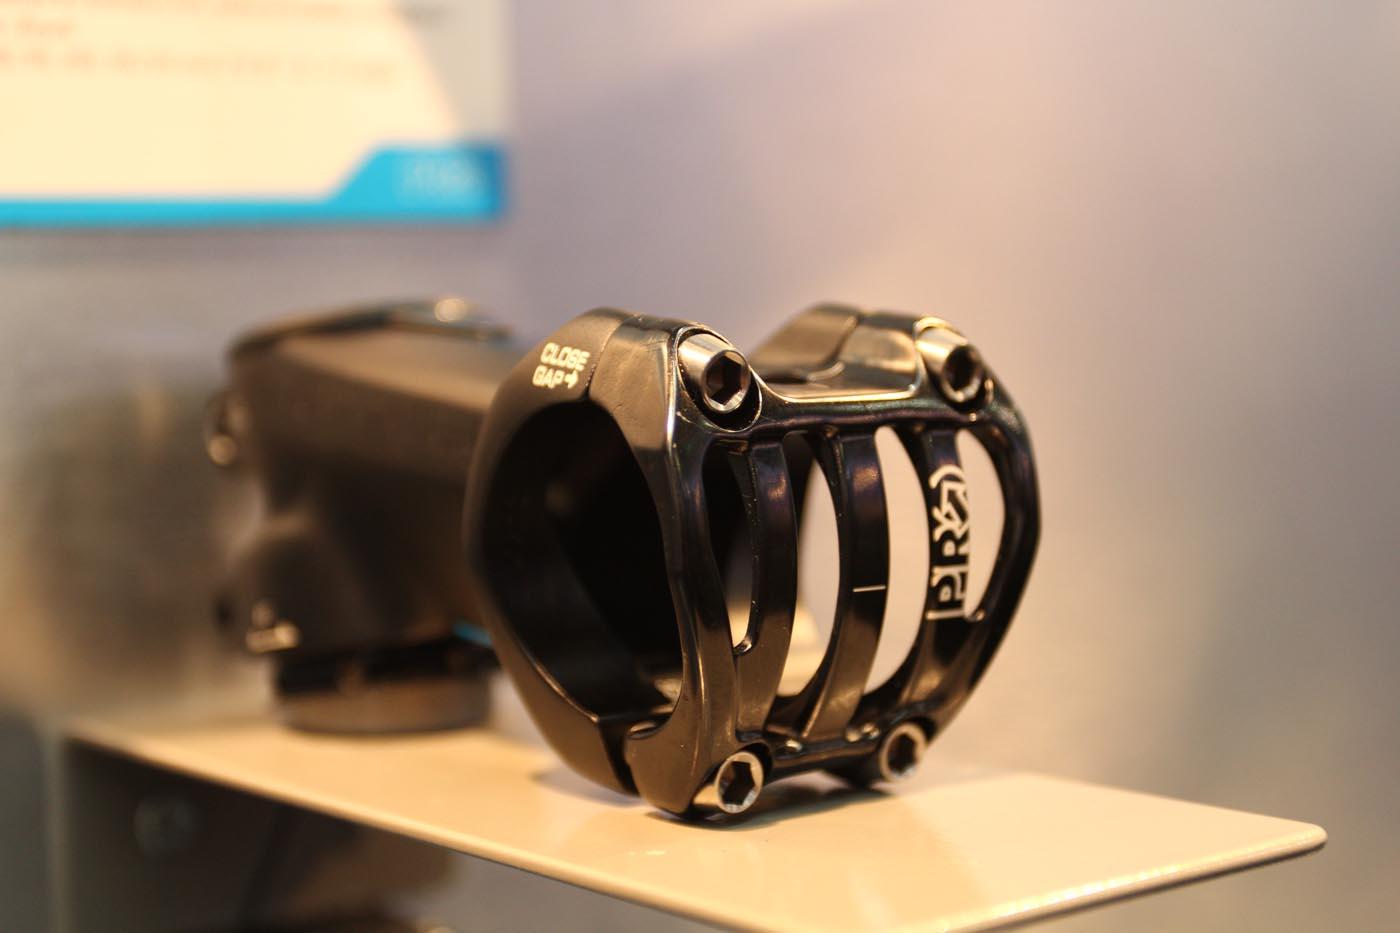 Das Kabel der DI2 kann durch den speziellen PRO-Vorbau zum Rahmen gezogen werden, so dass man eine saubere Optik erhält.